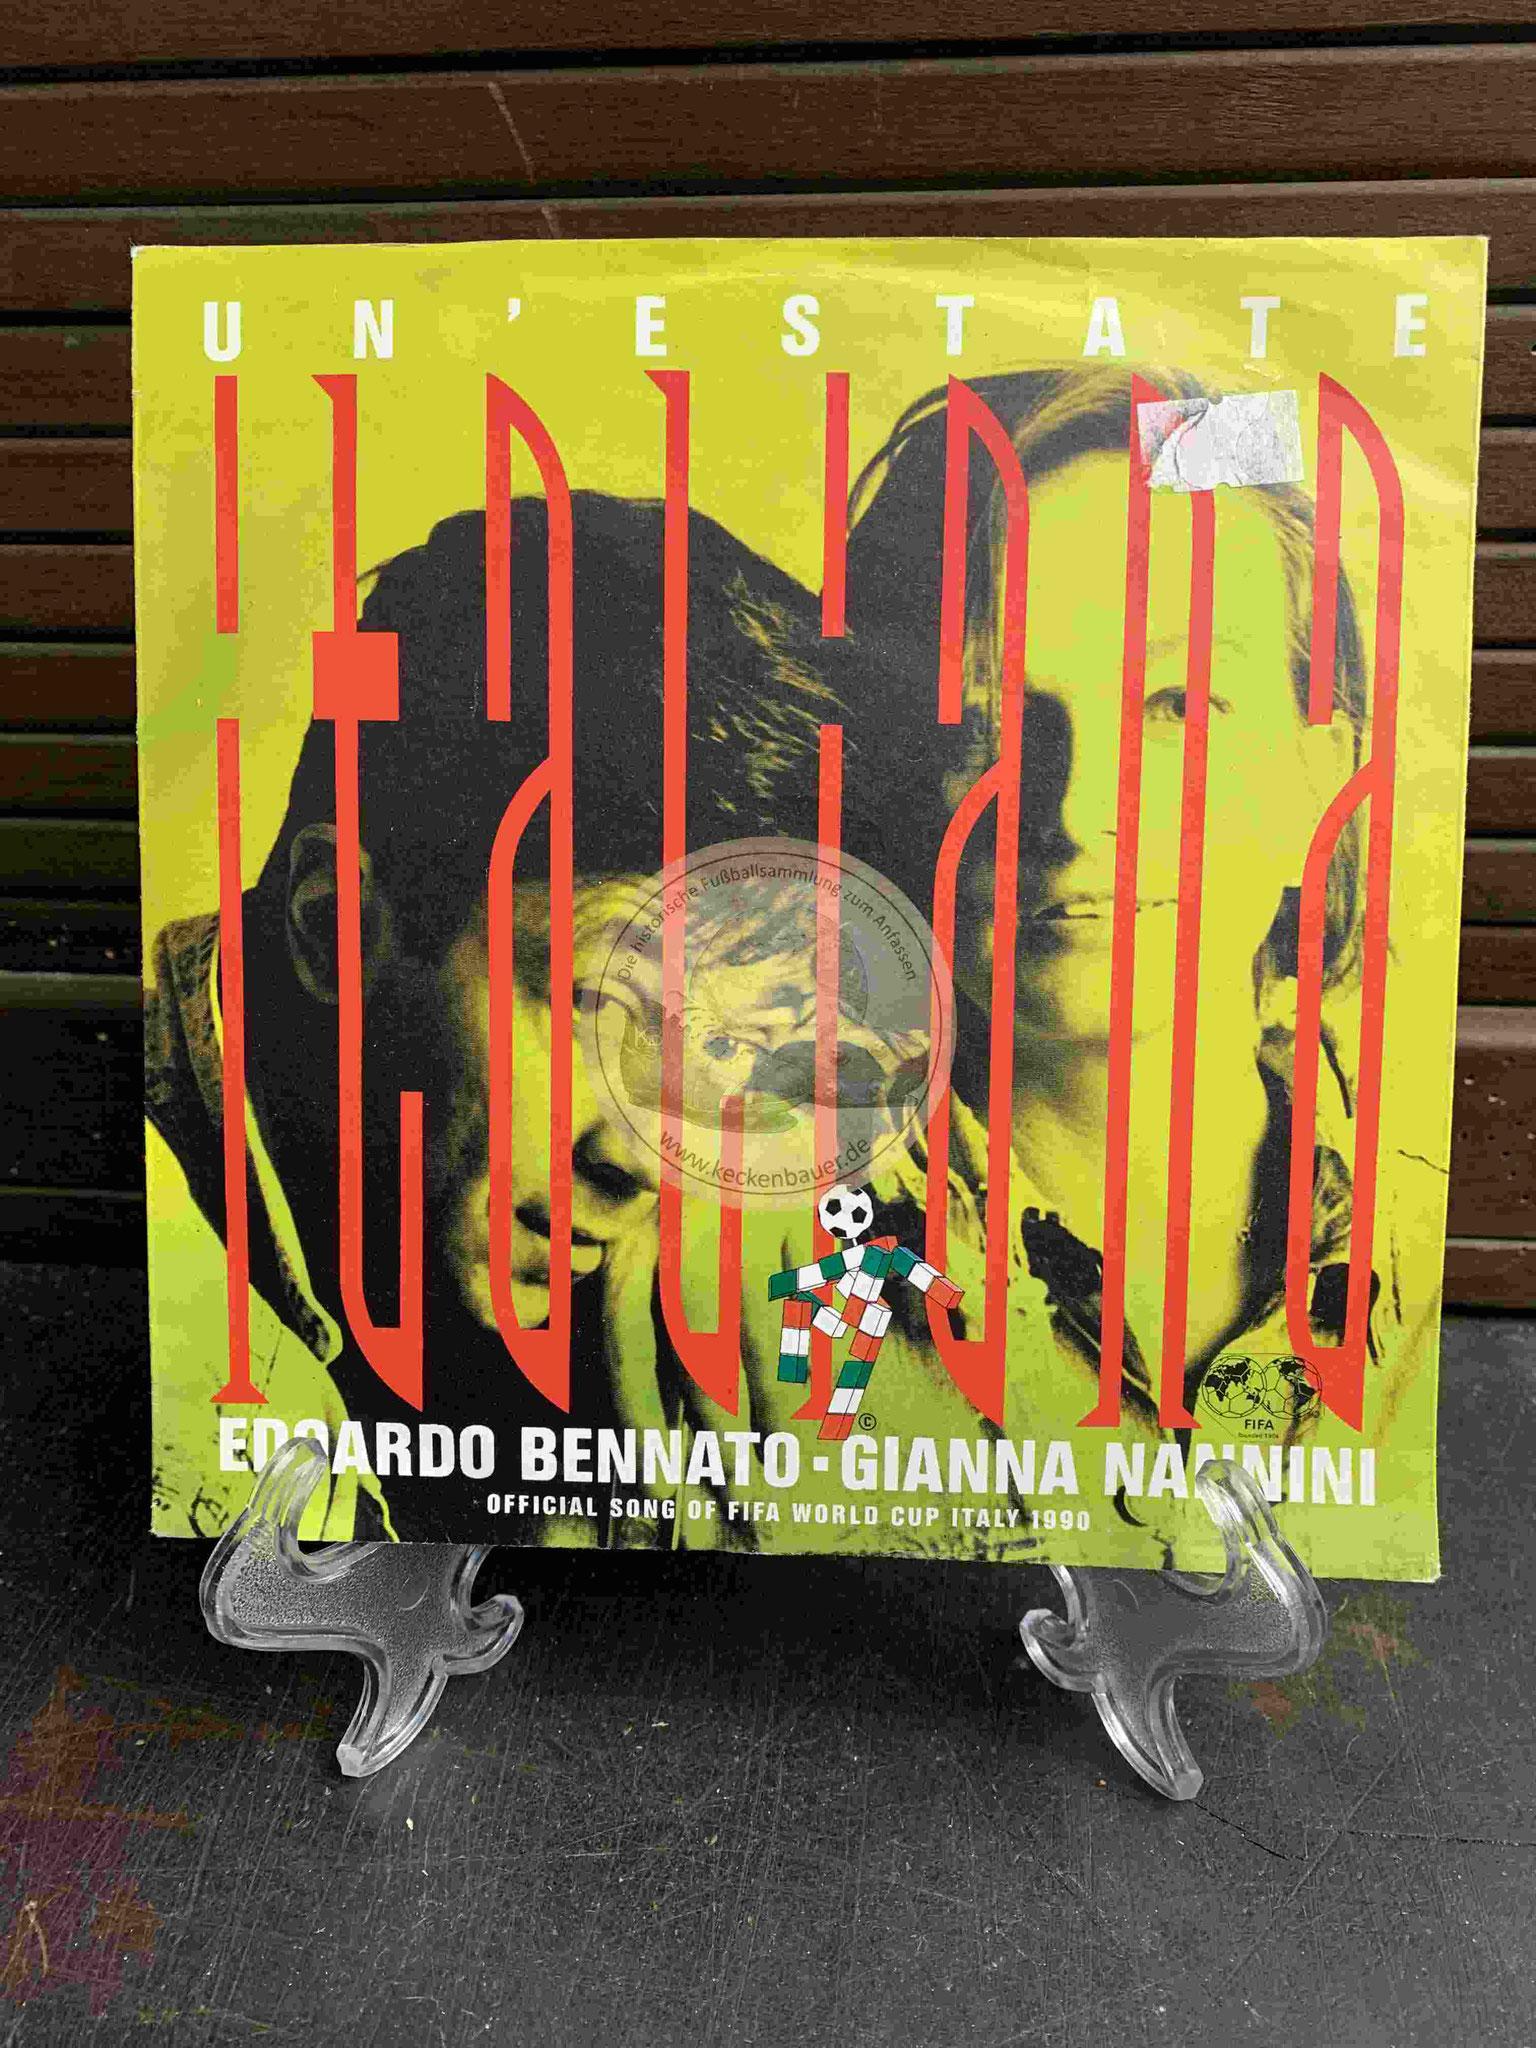 1990 Platte mit Italiana von Edoardo Bennato und Gianna Nannini